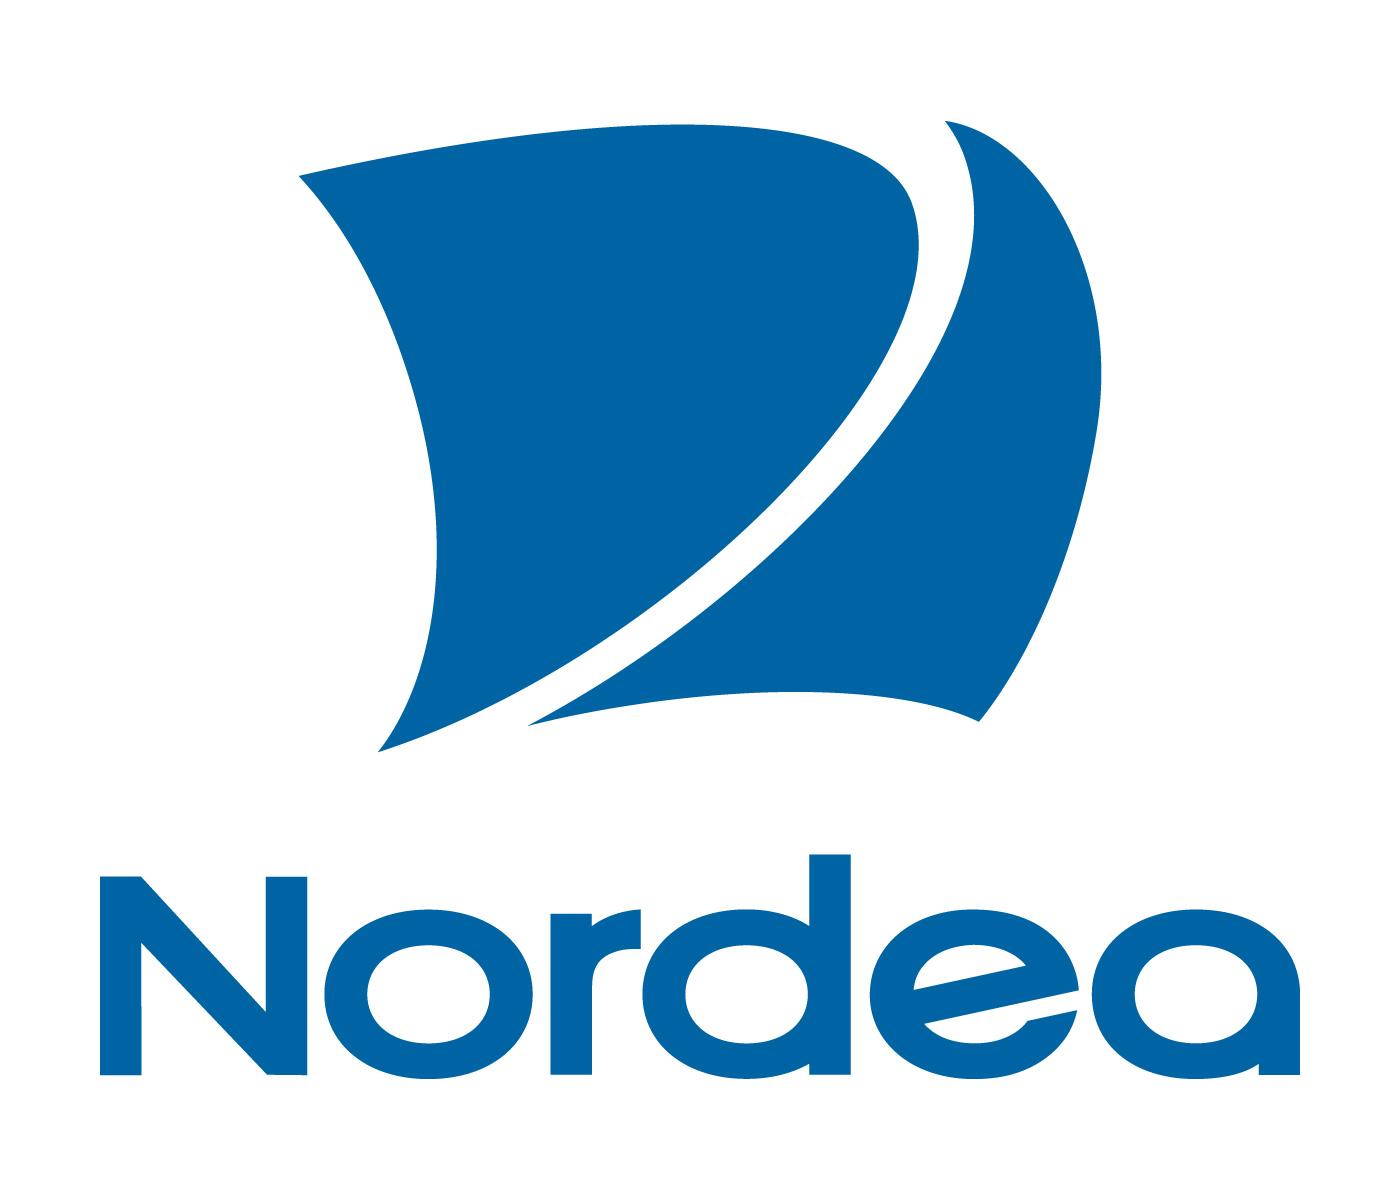 nordea-vakuutus.jpg